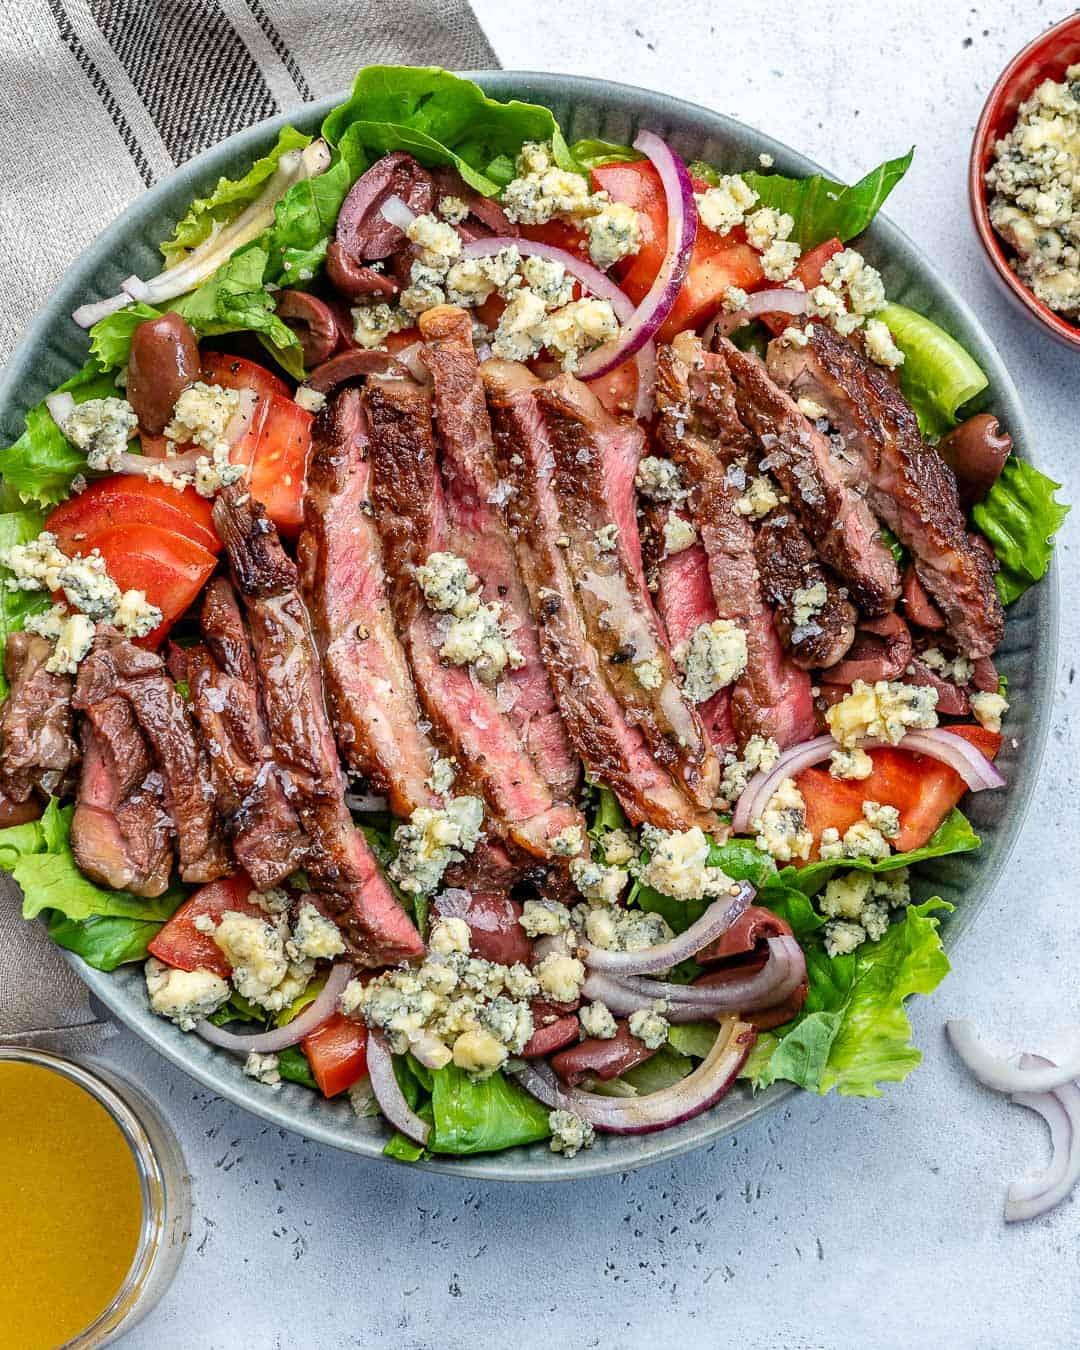 Steak Salad Recipe in a bowl